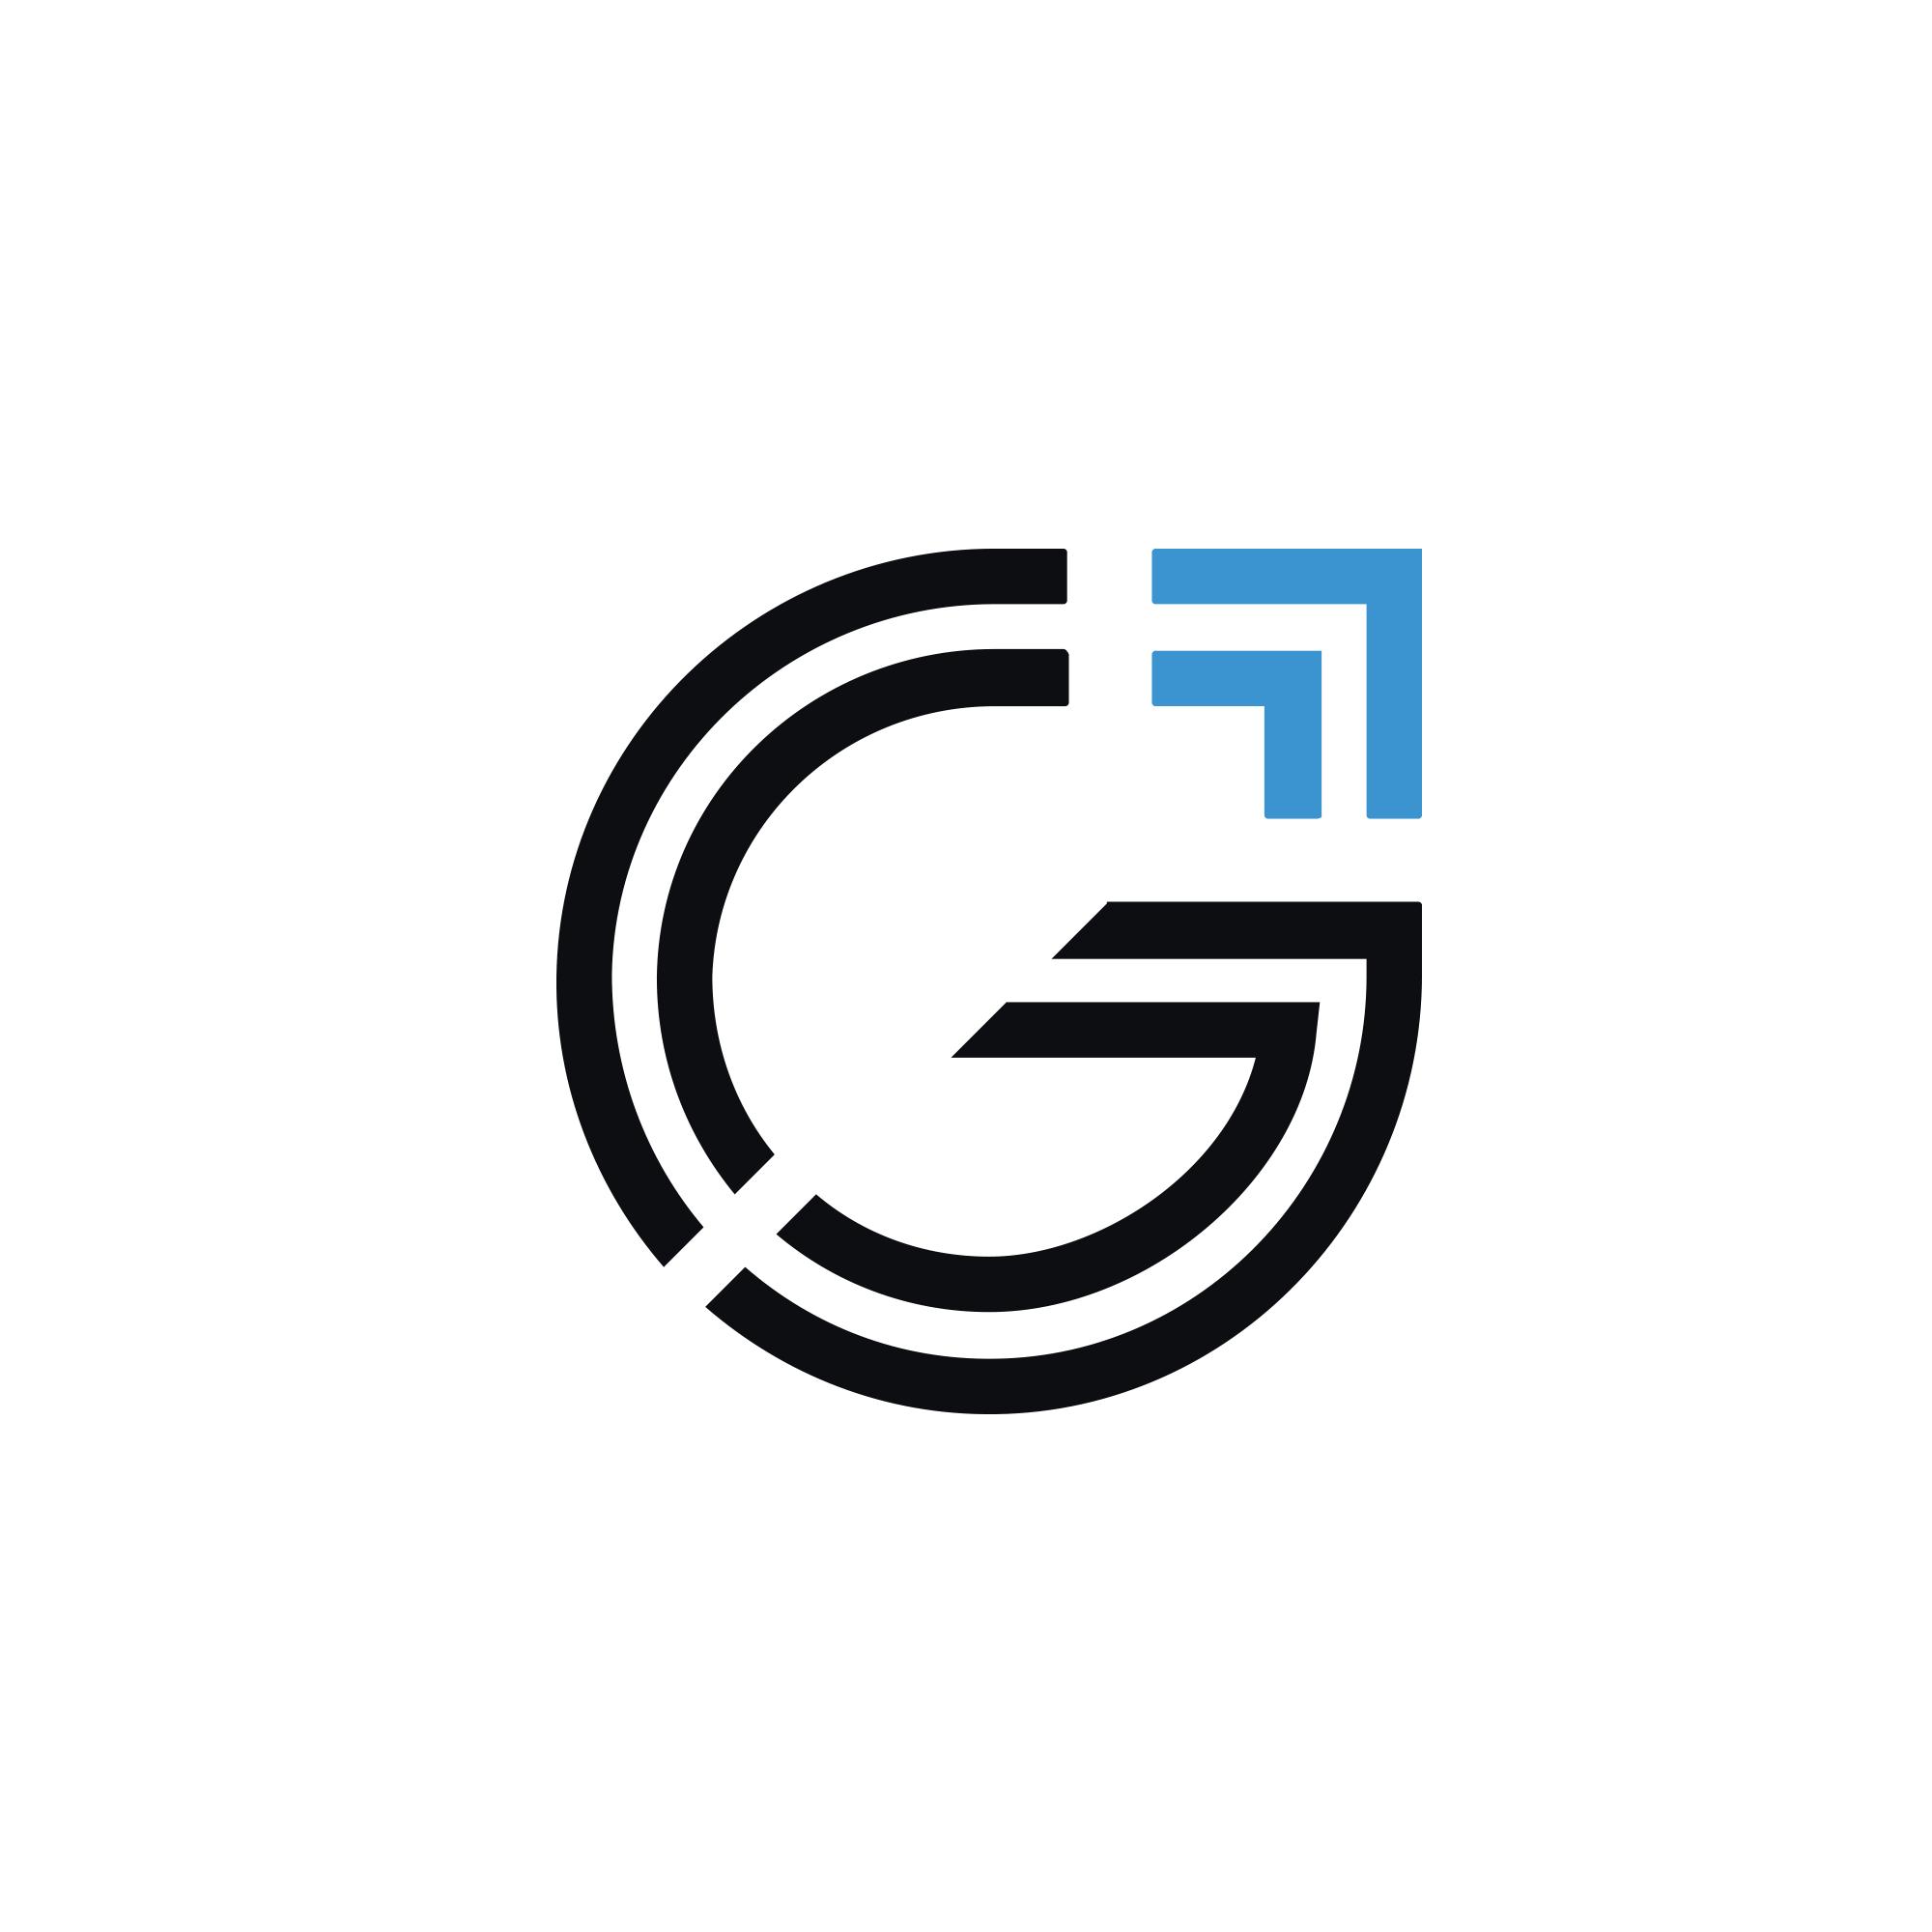 crossfit ground up svg logo g logo design branding design logo letter logo design crossfit ground up svg logo g logo